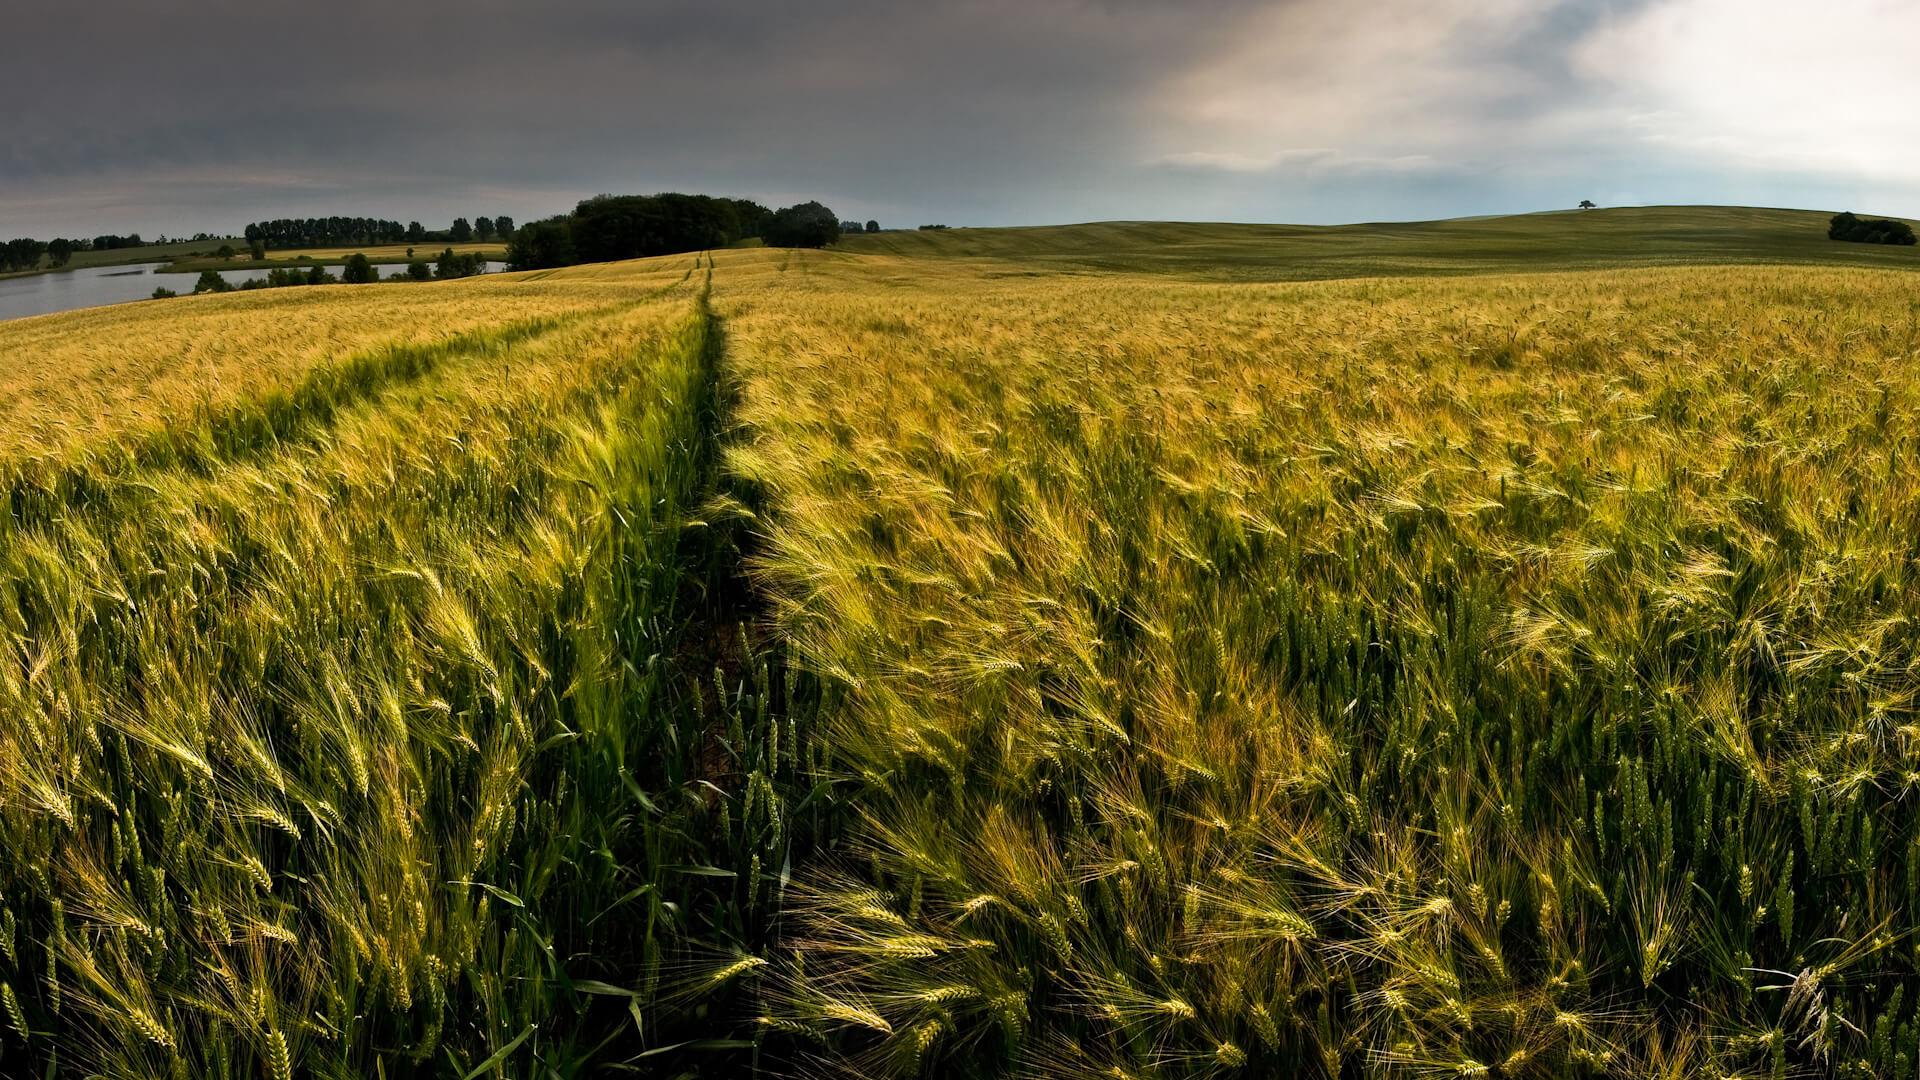 Green Wheat Field Wallpaper Background | HD Wallpaper ...